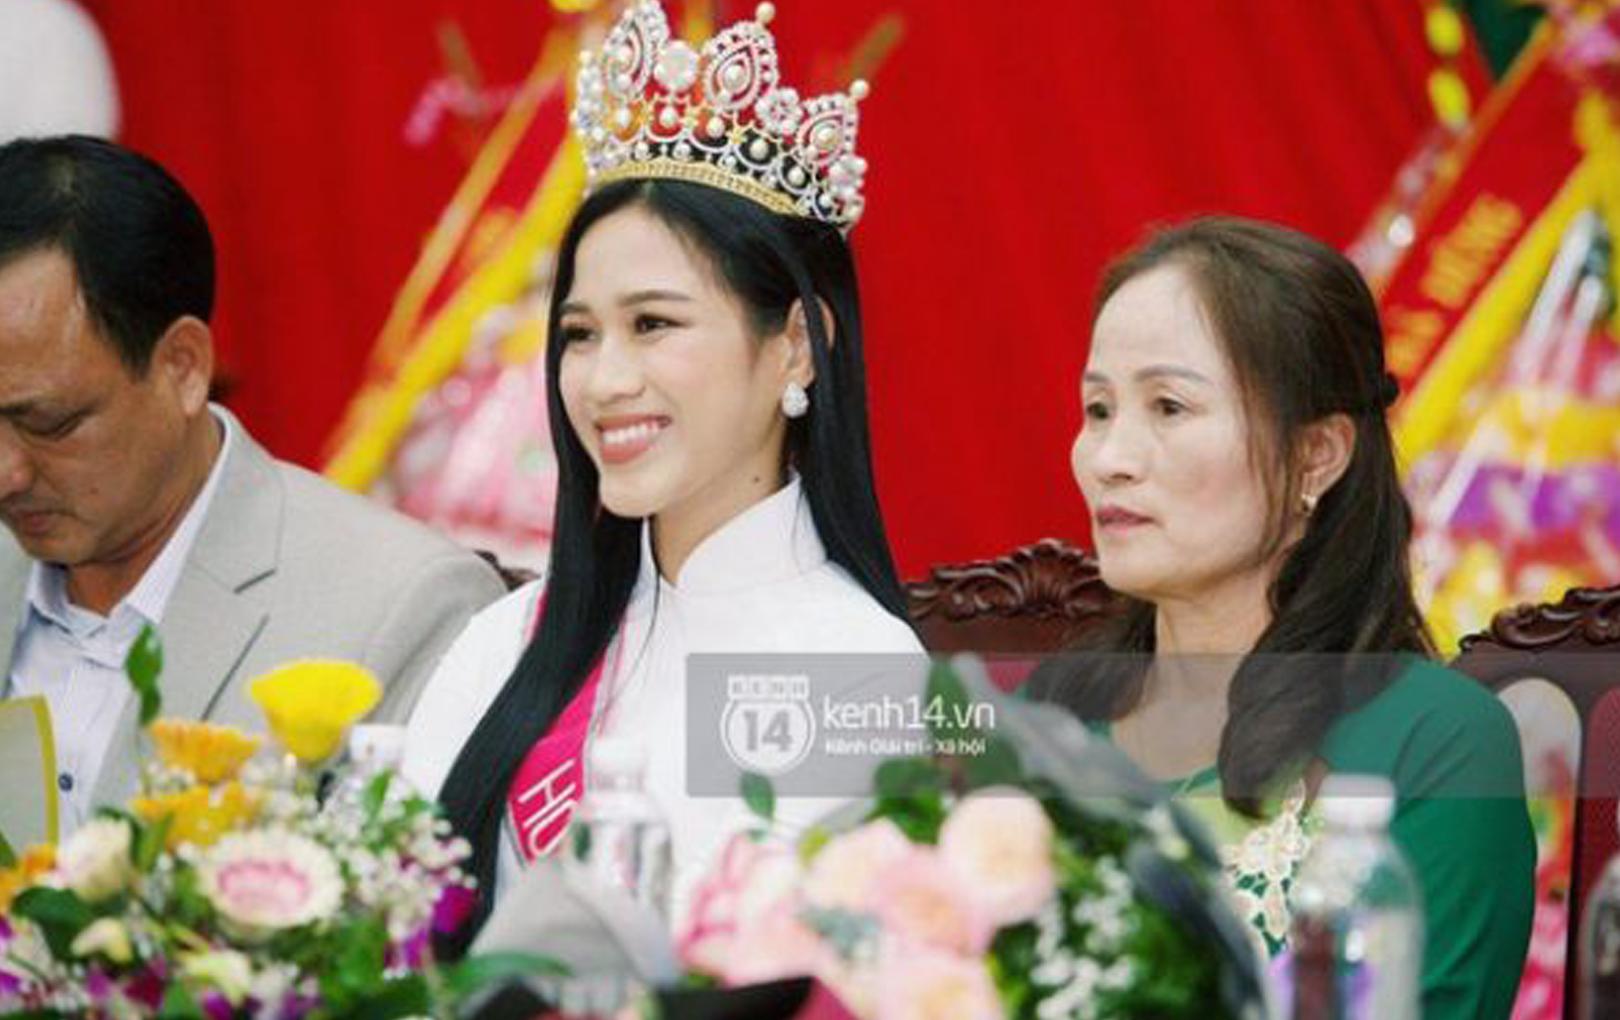 Nhan sắc Hoa hậu Đỗ Thị Hà qua ảnh chụp vội không photoshop